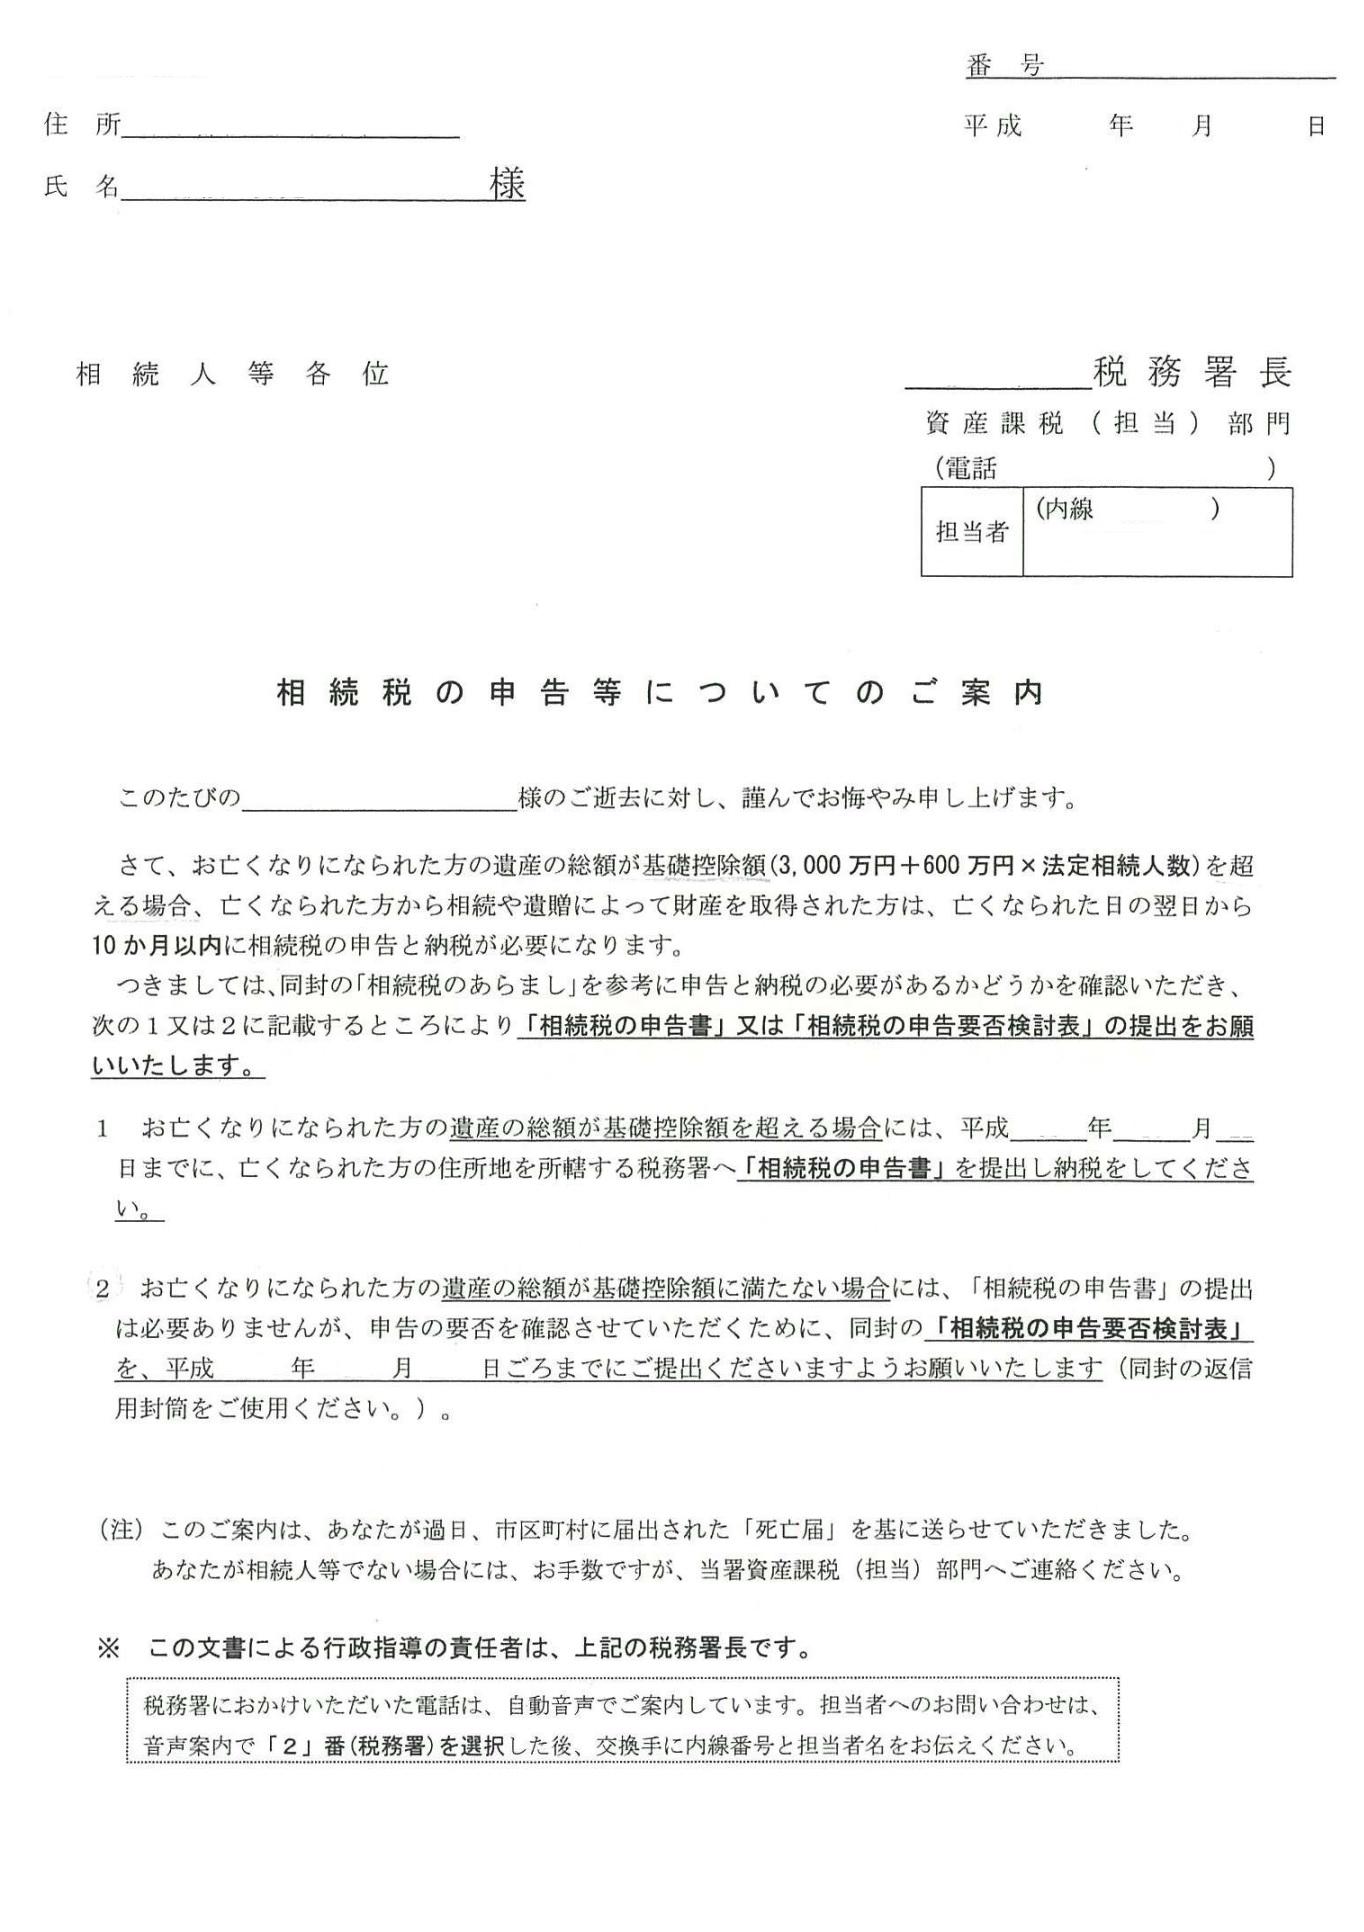 ひな 協議 国税庁 分割 書 遺産 形